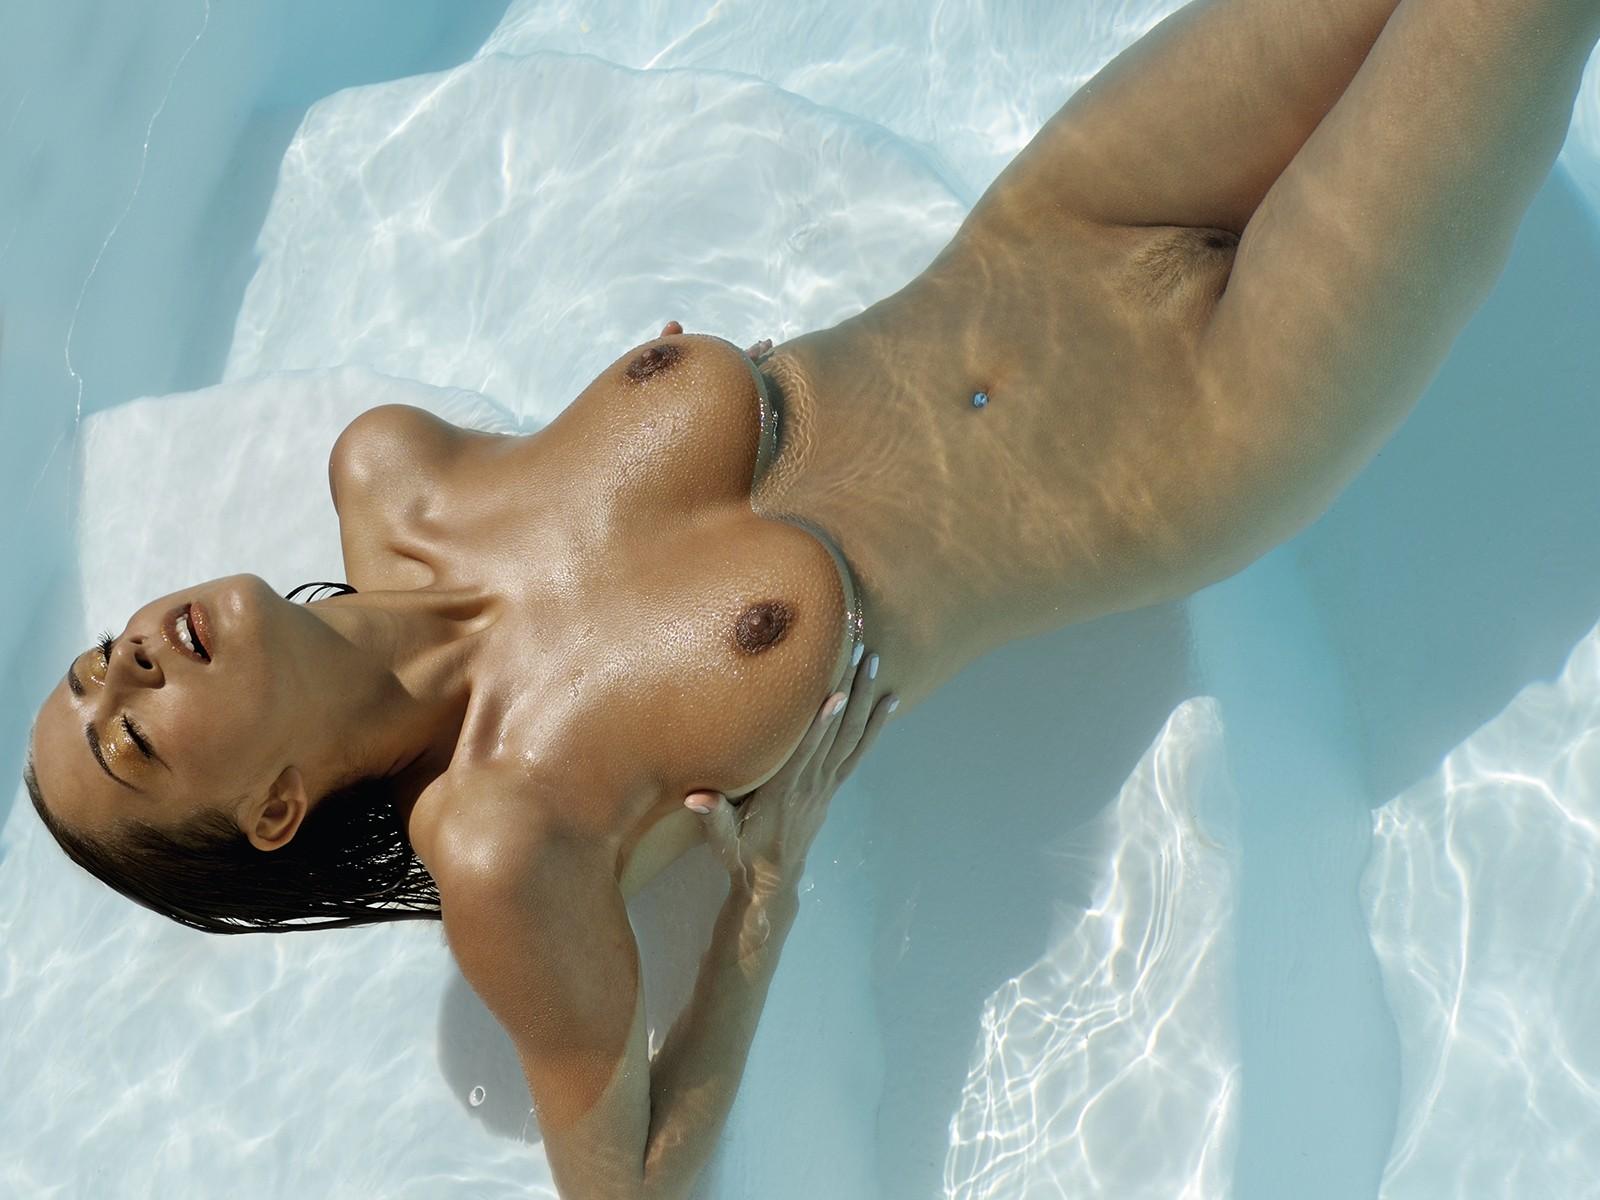 обнаженная дама в бассейне совет